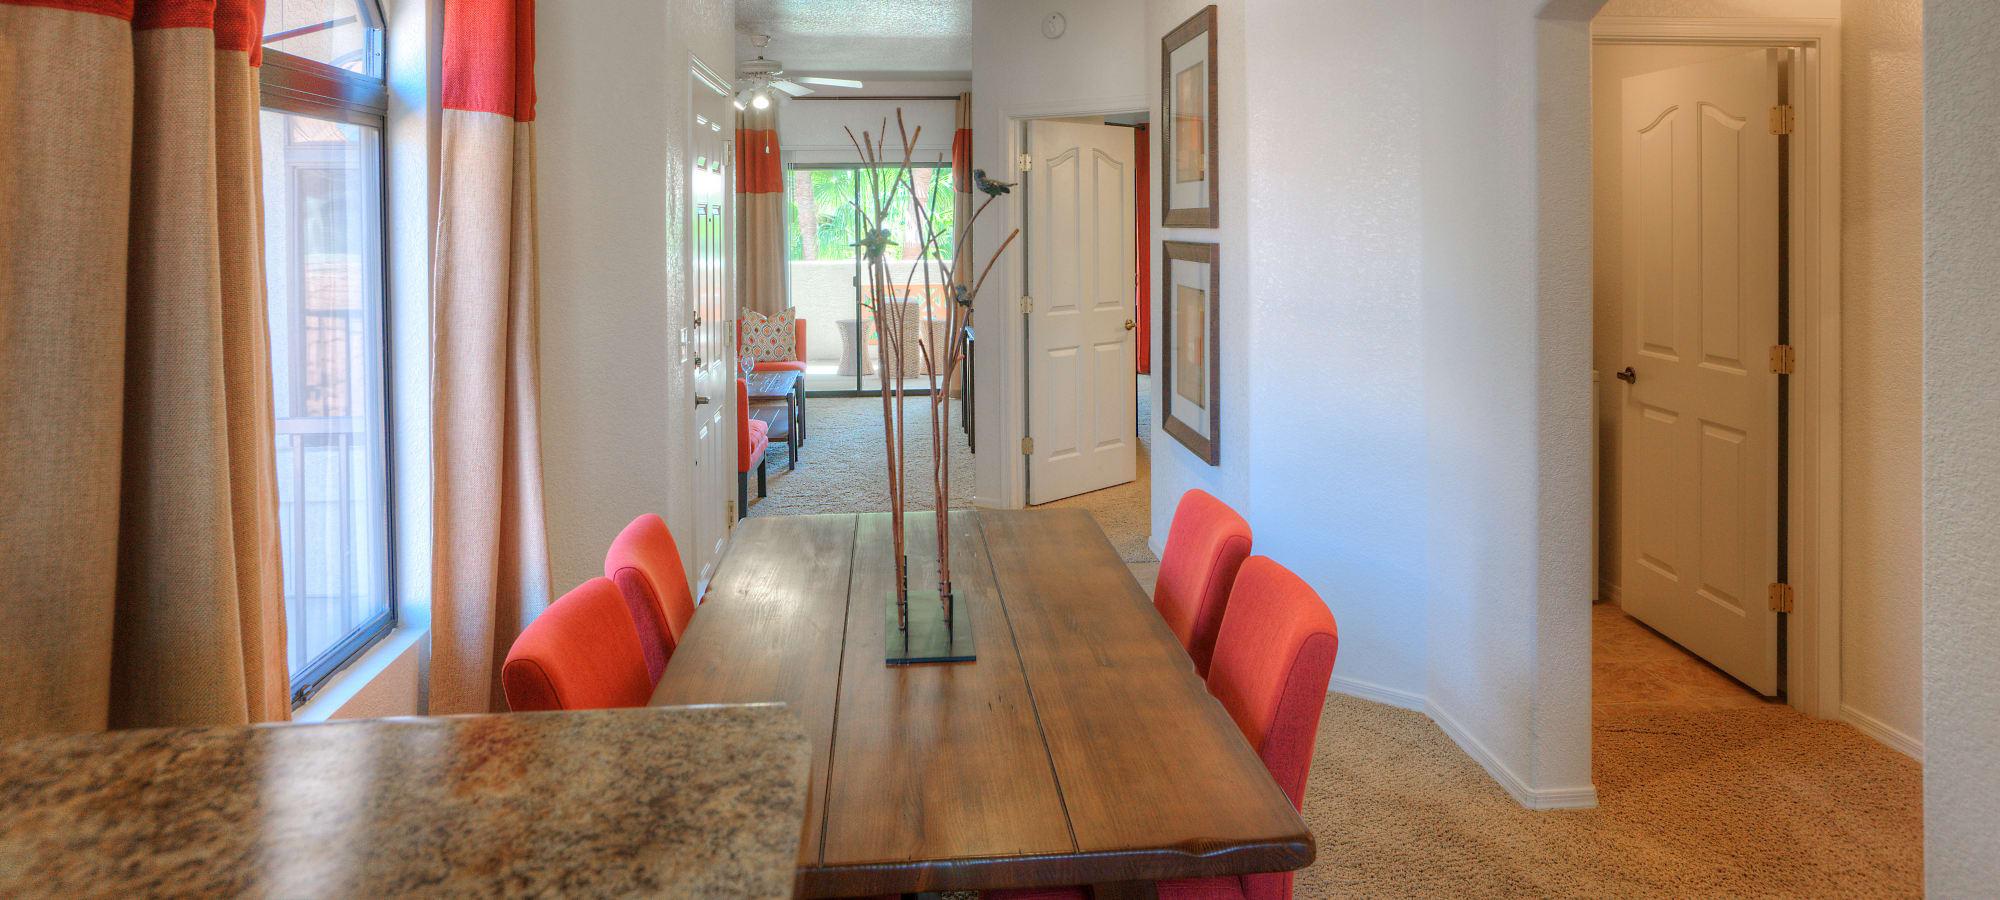 Model dining room at San Prado in Glendale, Arizona